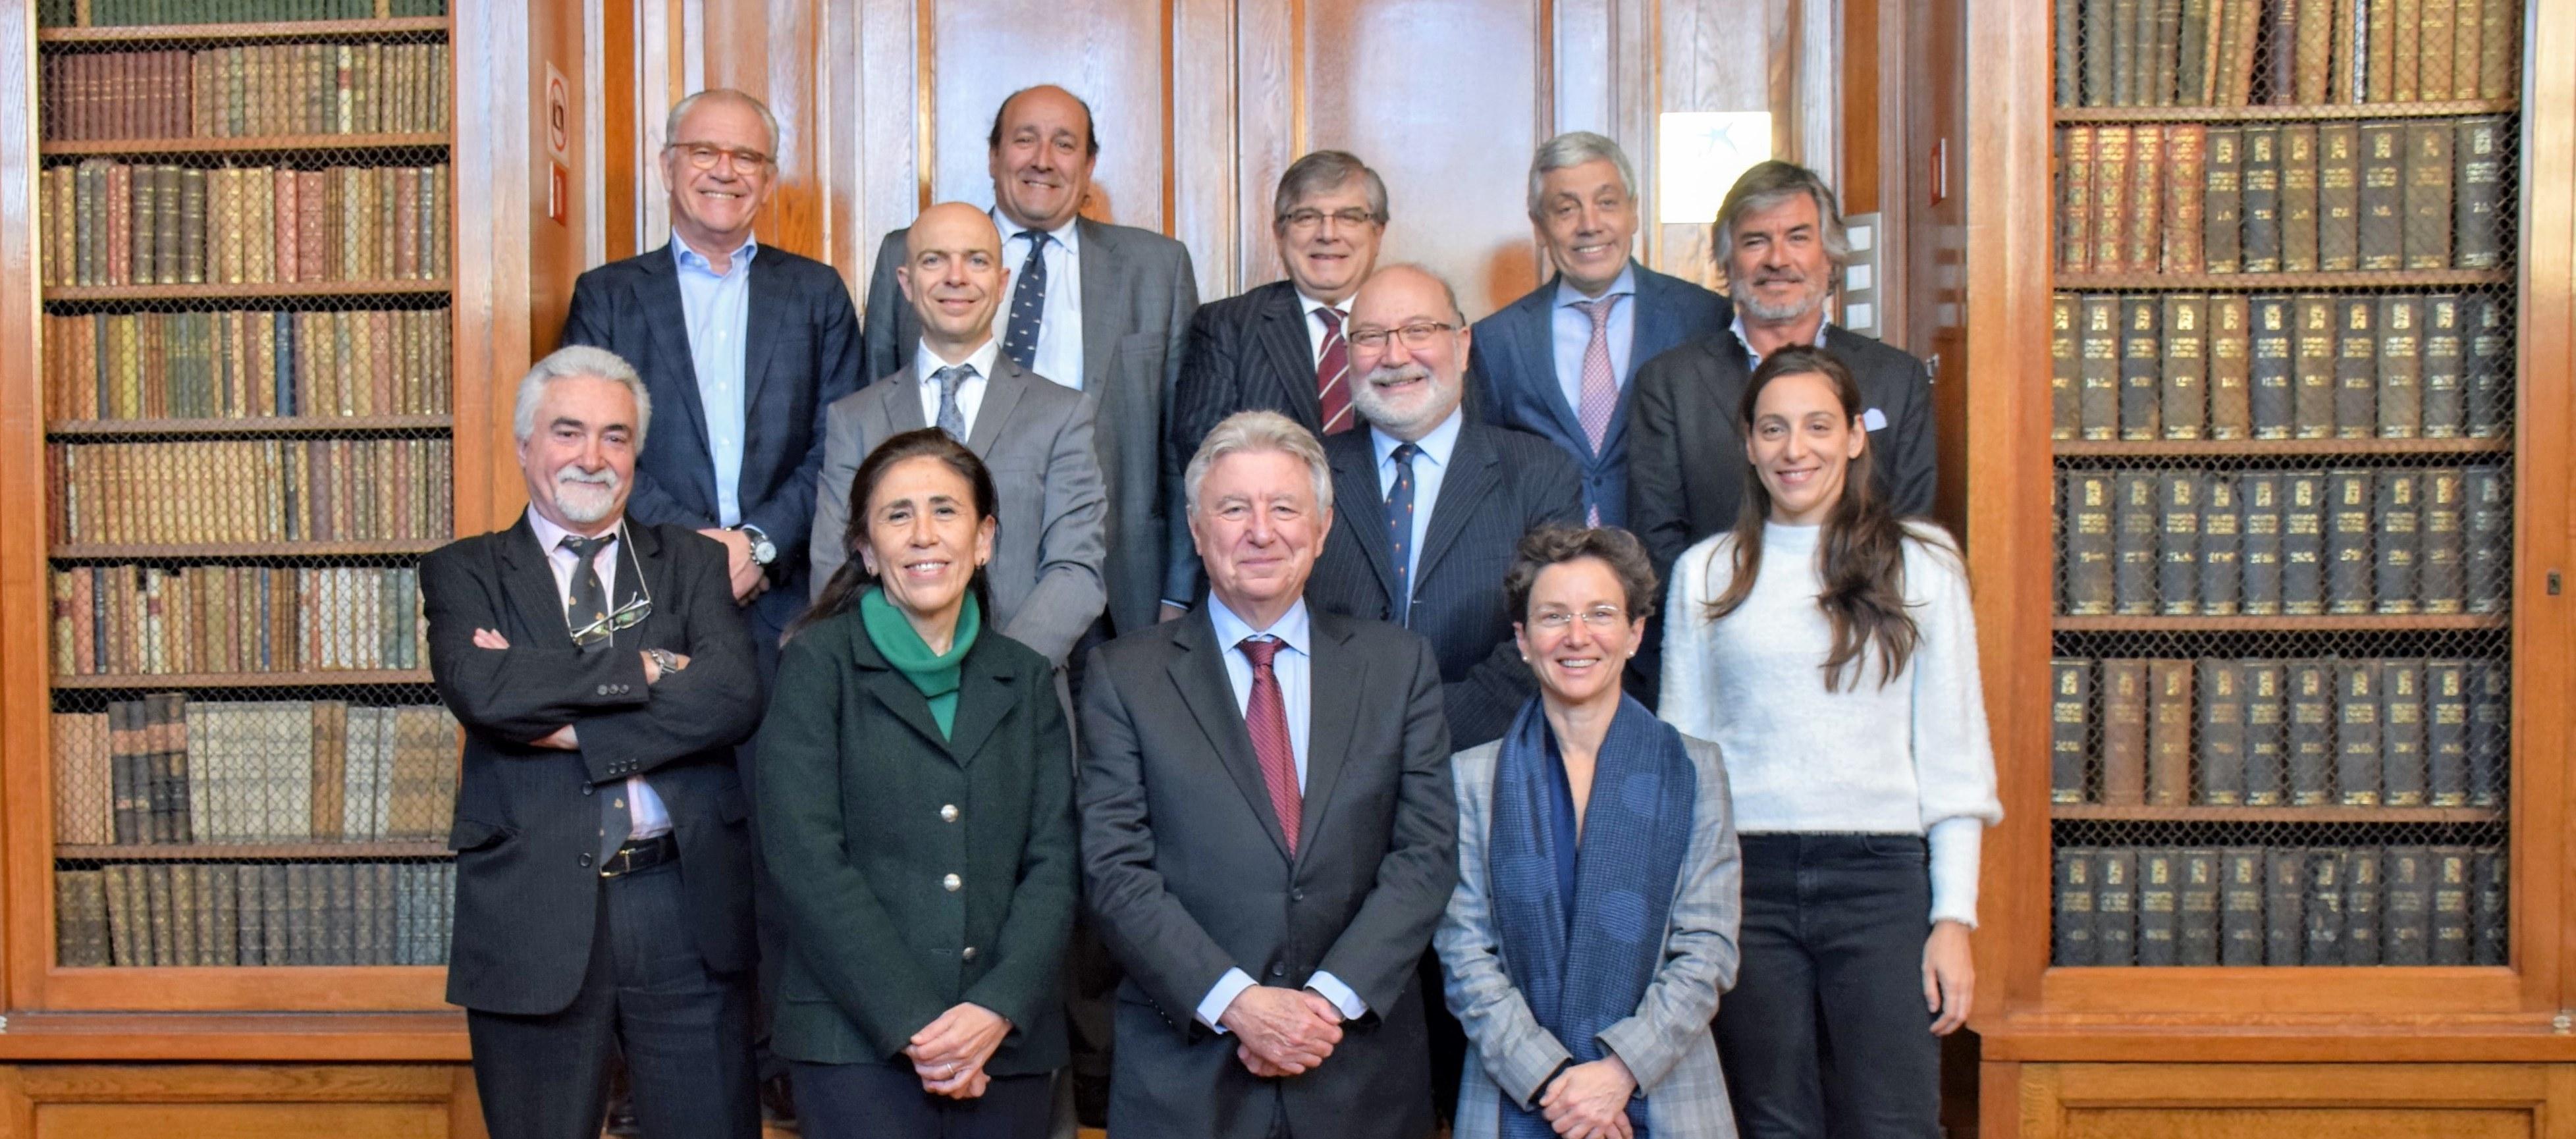 Foment considera prioritari el Pla per impulsar i modernitzar els sectors industrials i logístics de Catalunya